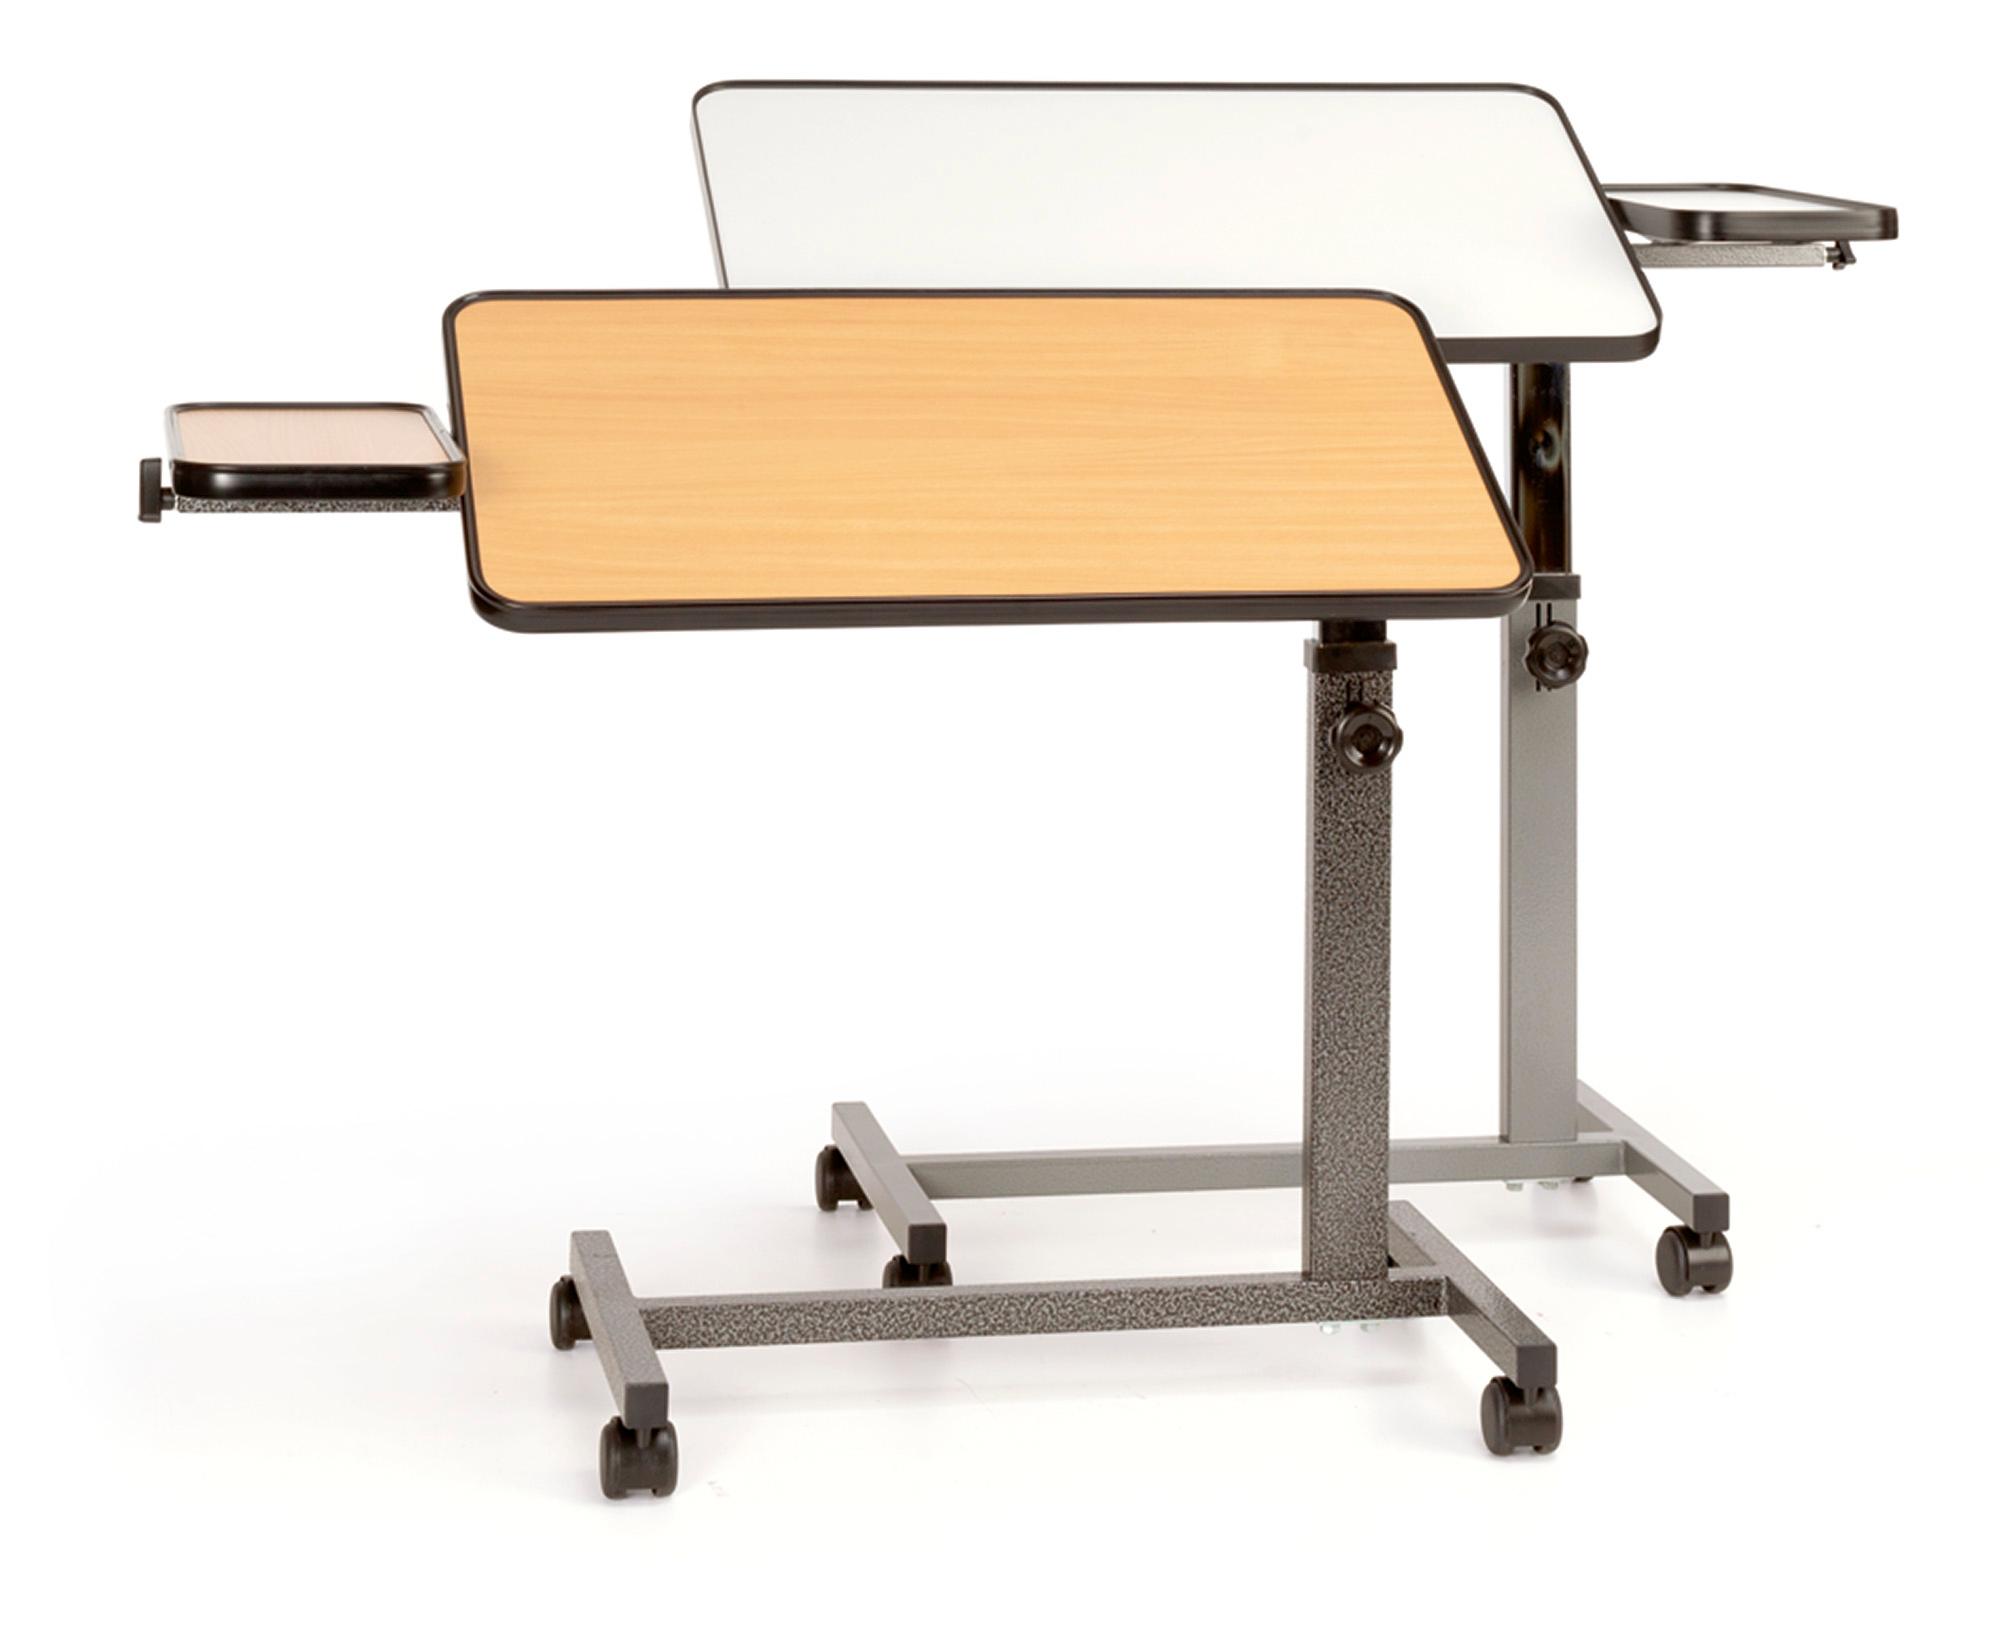 Beistelltisch De Luxe Betttisch Laptoptisch Tisch fürs Bett | eBay